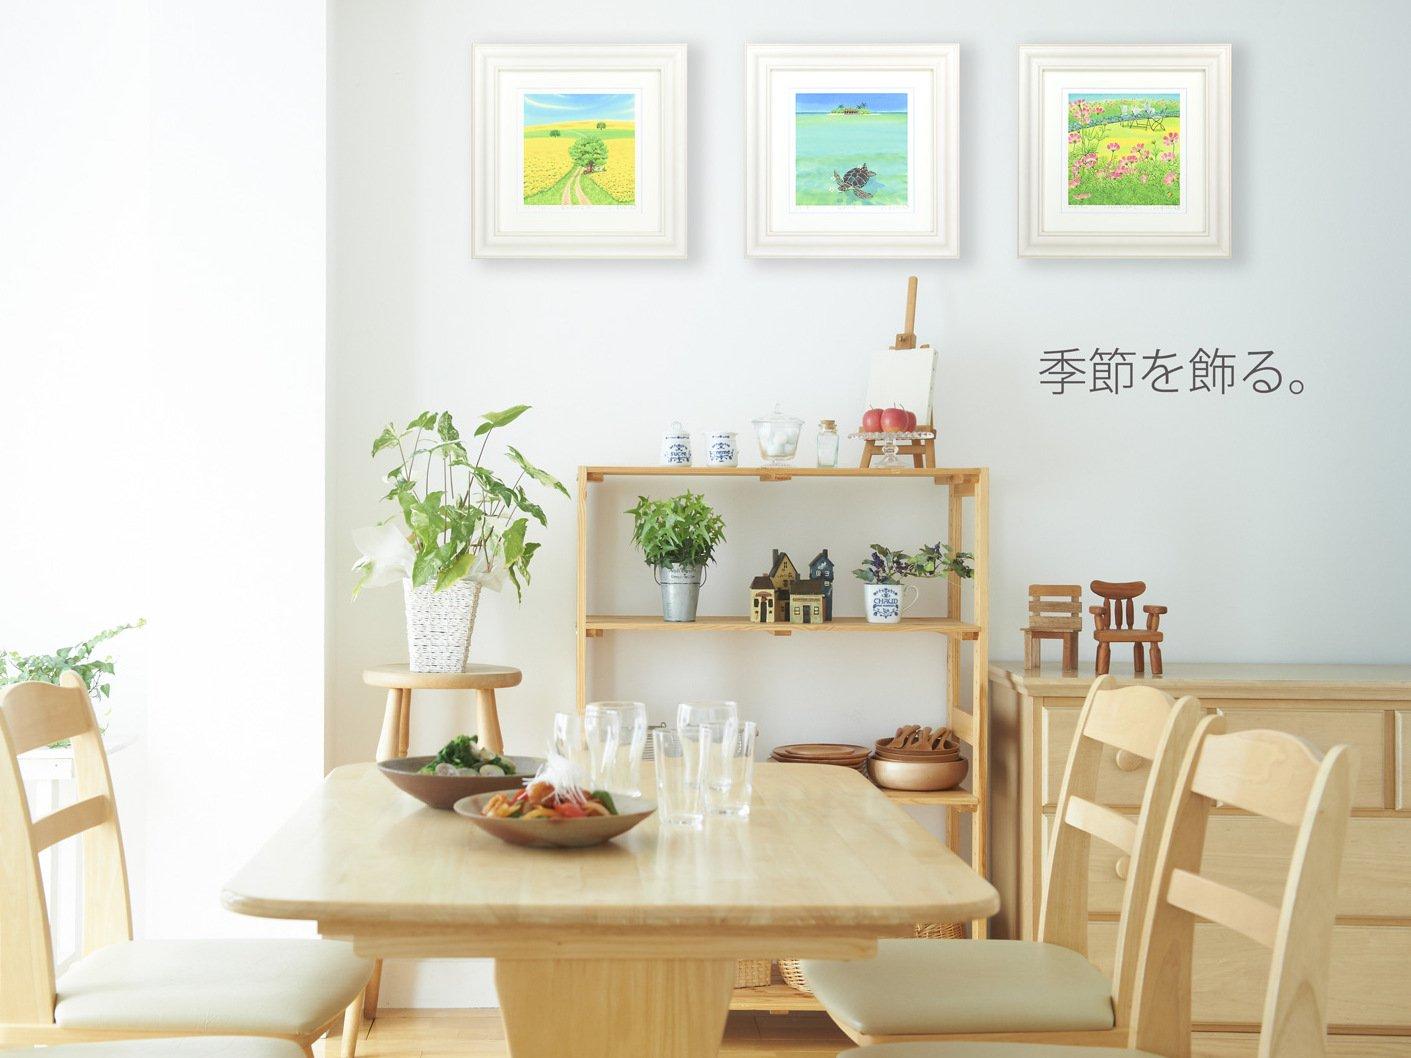 《絵画 水彩画》キャンドル〔栗乃木ハルミ くりのきはるみ 〕